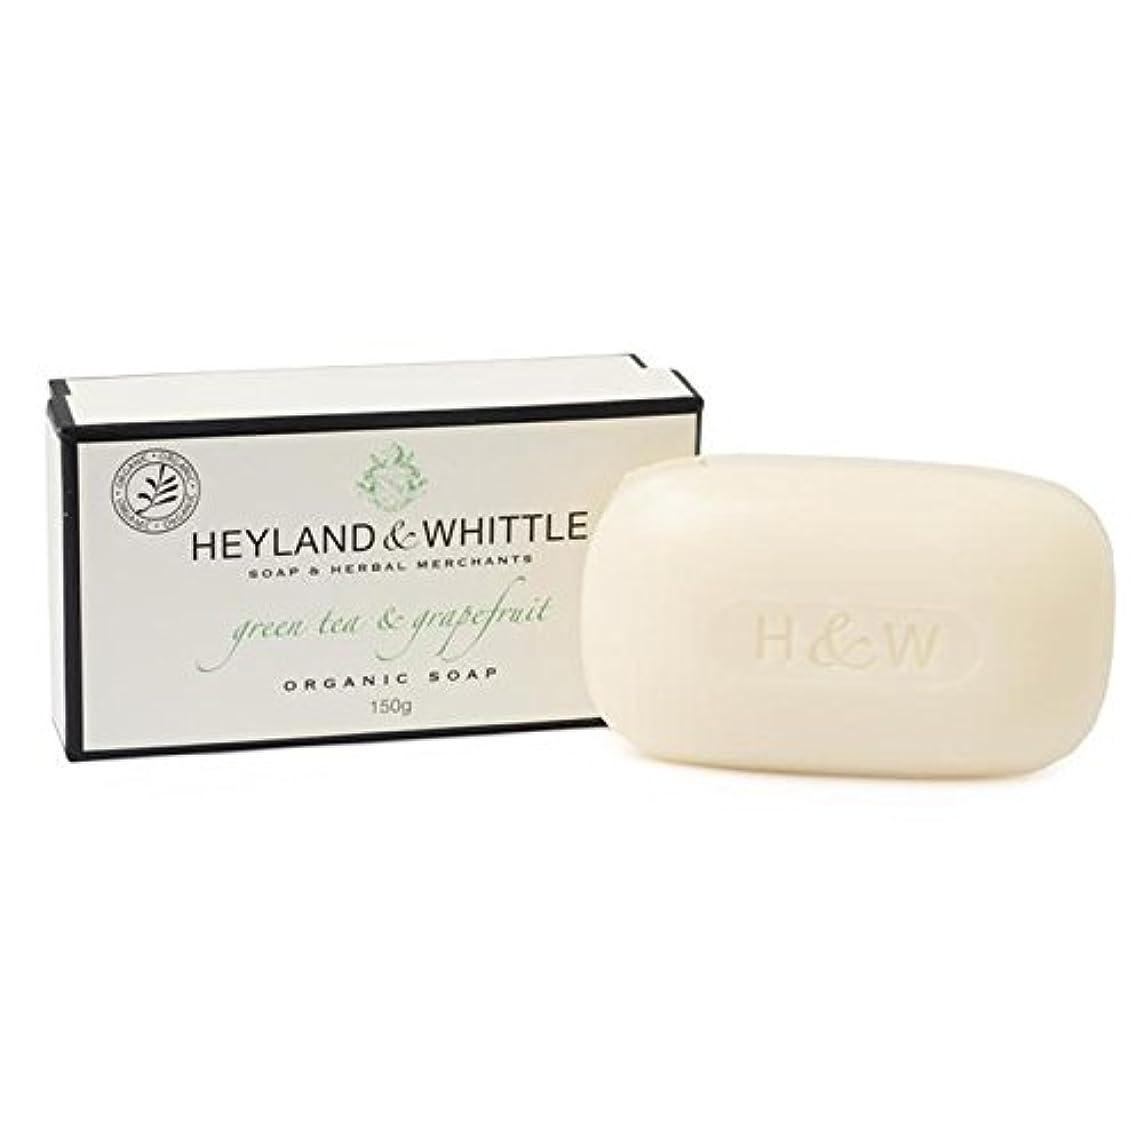 カイウス爆発目を覚ます&削る緑茶&グレープフルーツはオーガニックソープ150グラム箱入り x2 - Heyland & Whittle Green Tea & Grapefruit Boxed Organic Soap 150g (Pack...